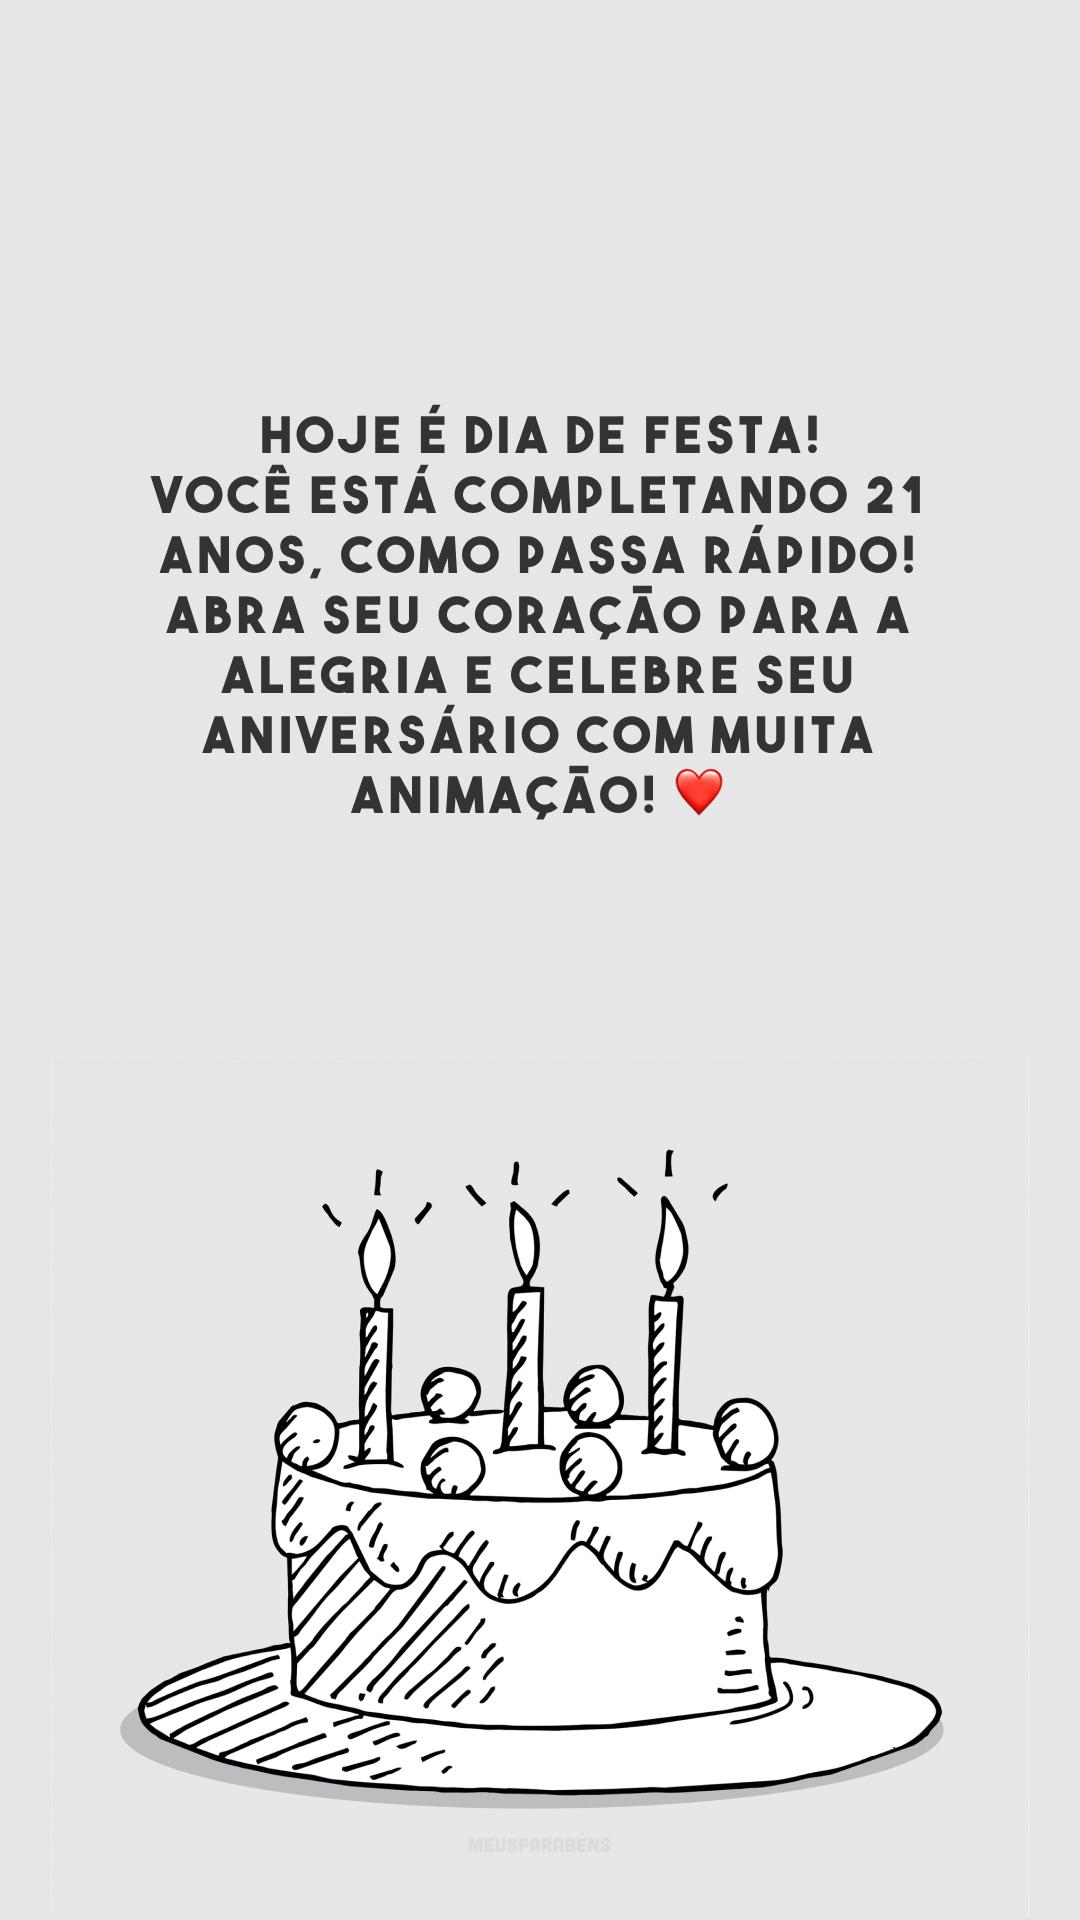 Hoje é dia de festa! Você está completando 21 anos, como passa rápido! Abra seu coração para a alegria e celebre seu aniversário com muita animação! ❤️